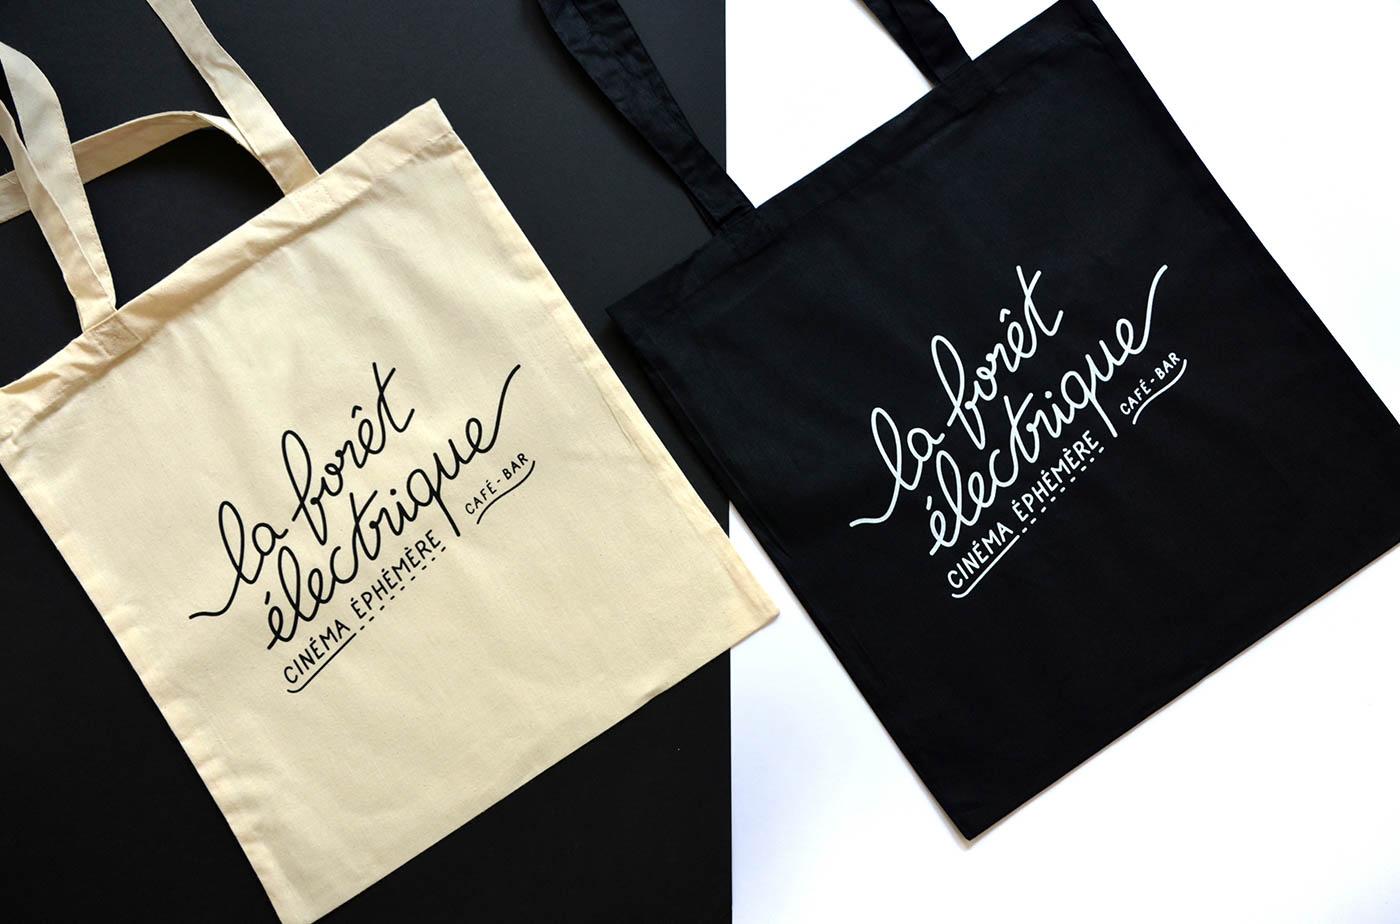 Photo des tote bags noir et couleur naturel avec la typographie imprimée en sérigraphie par Superfruit pour la Foret Electrique